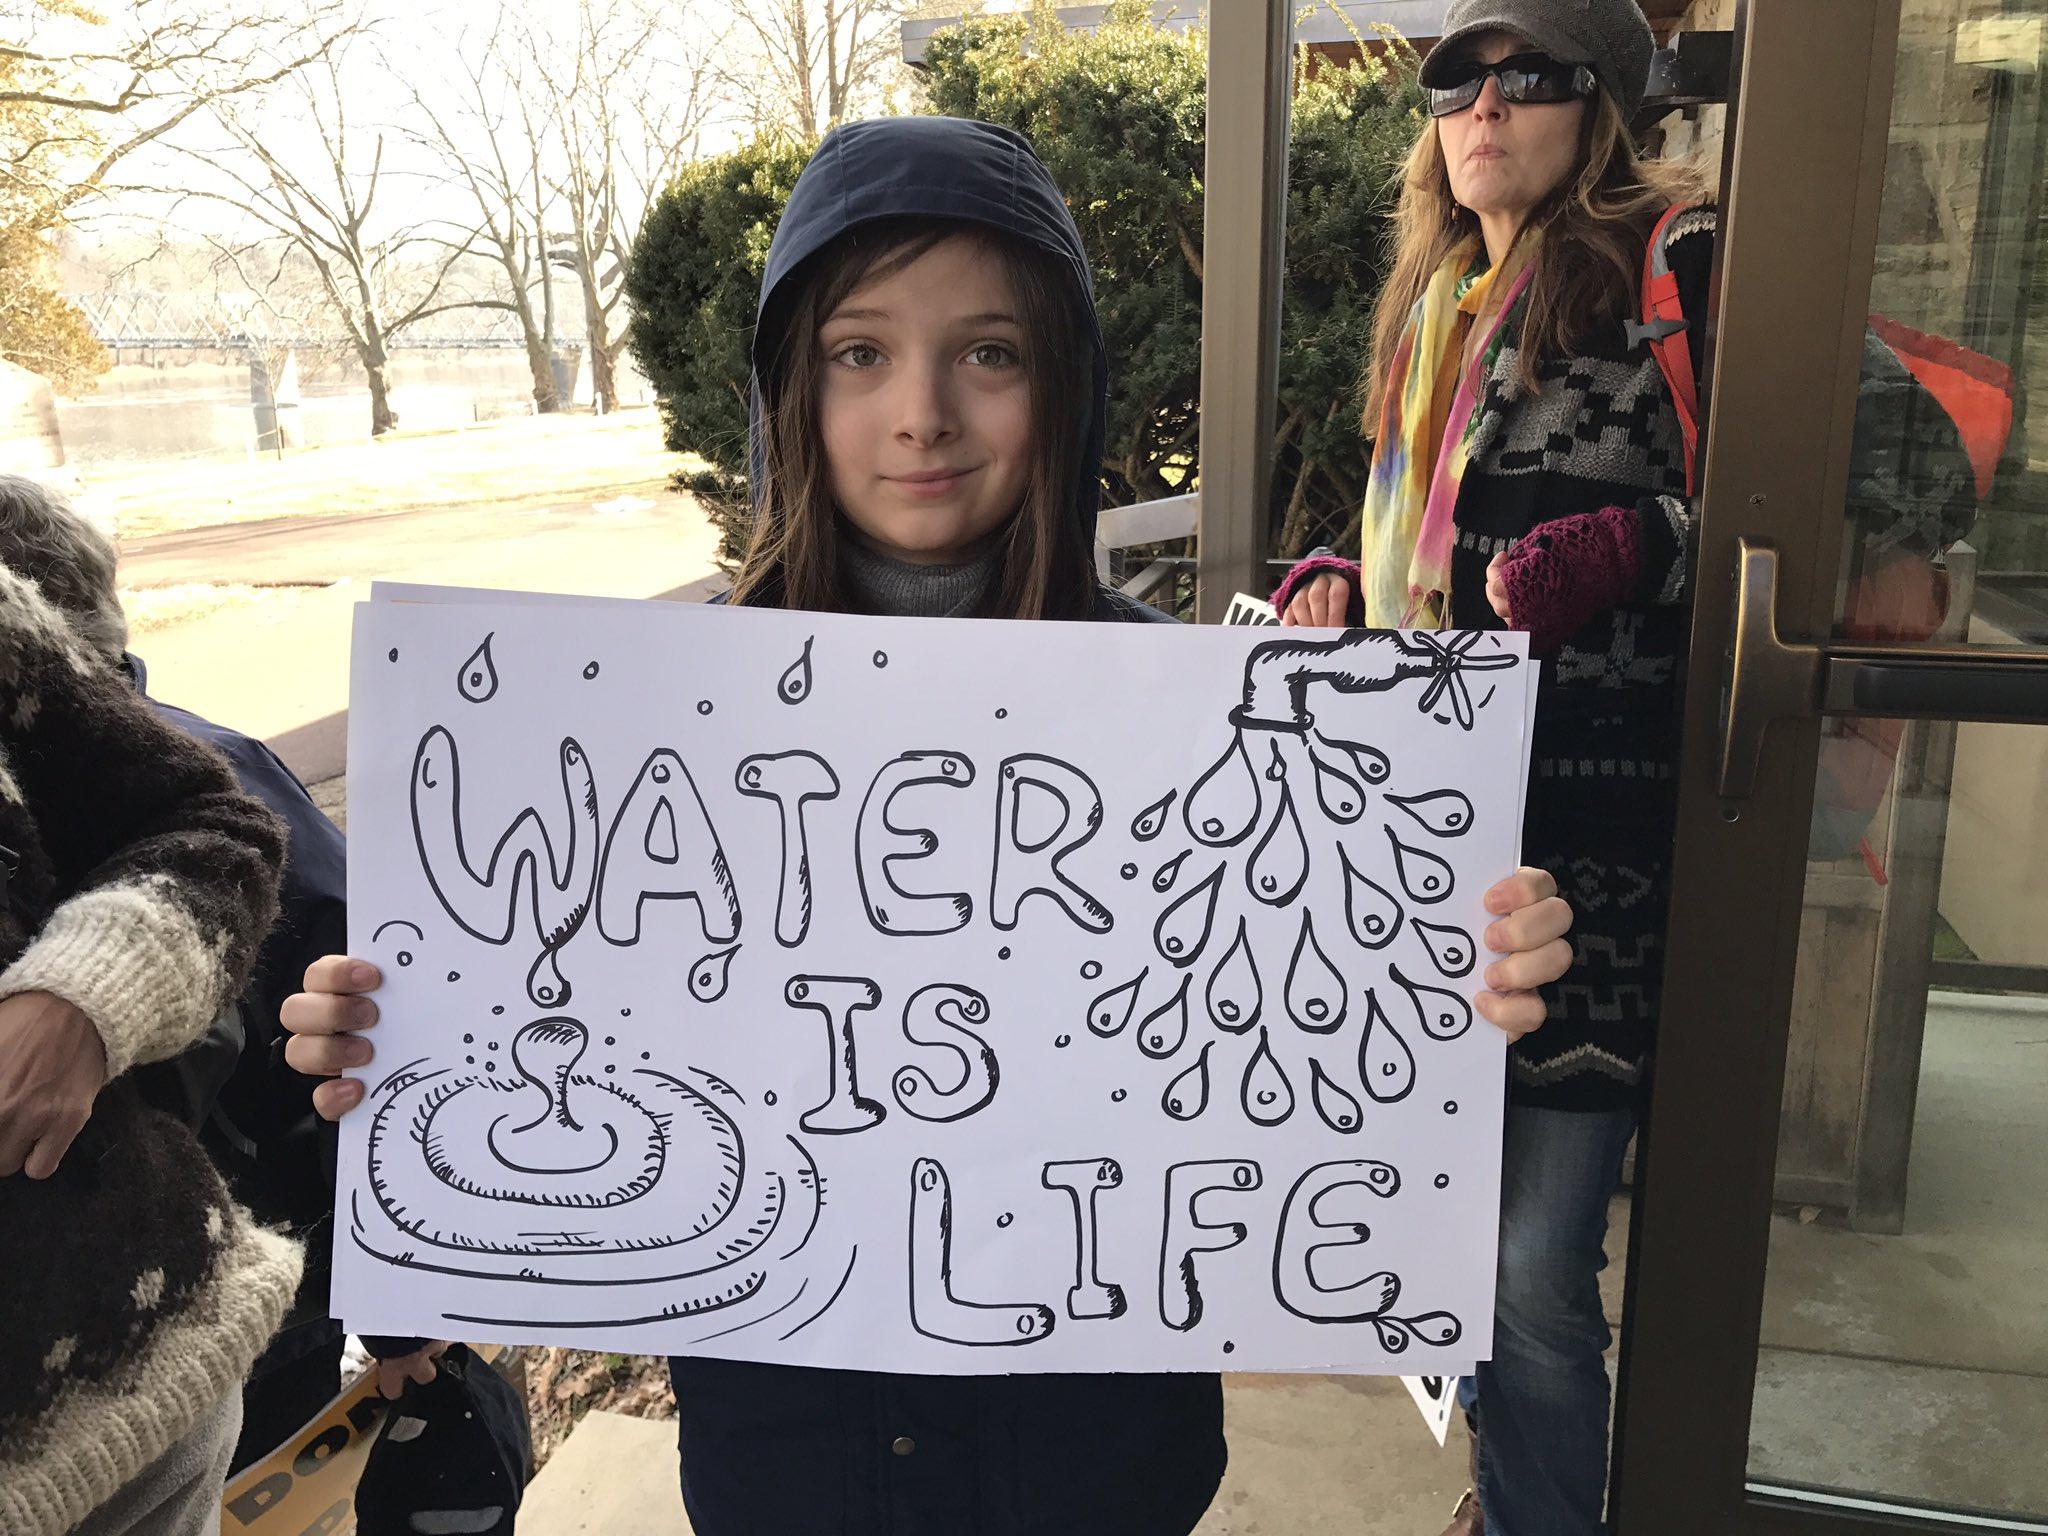 Diego Badalucco, 11, Bordentown, N.J. Is prepared for not-so-silent protest @DRBC1961 @DelRiverkeeper #frack ban #BanFracking https://t.co/RhLEptuV1A